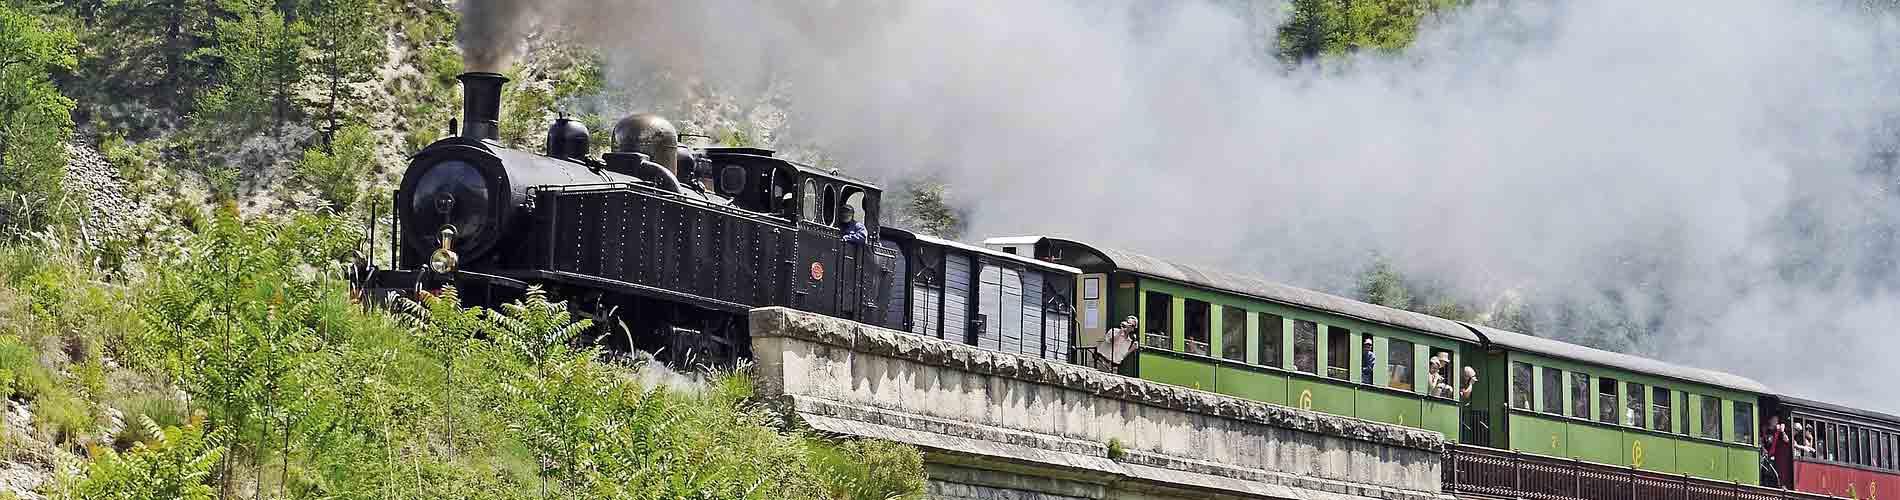 Blog_EuropeTrains_Train-des-Pignes_1900x500_Q120